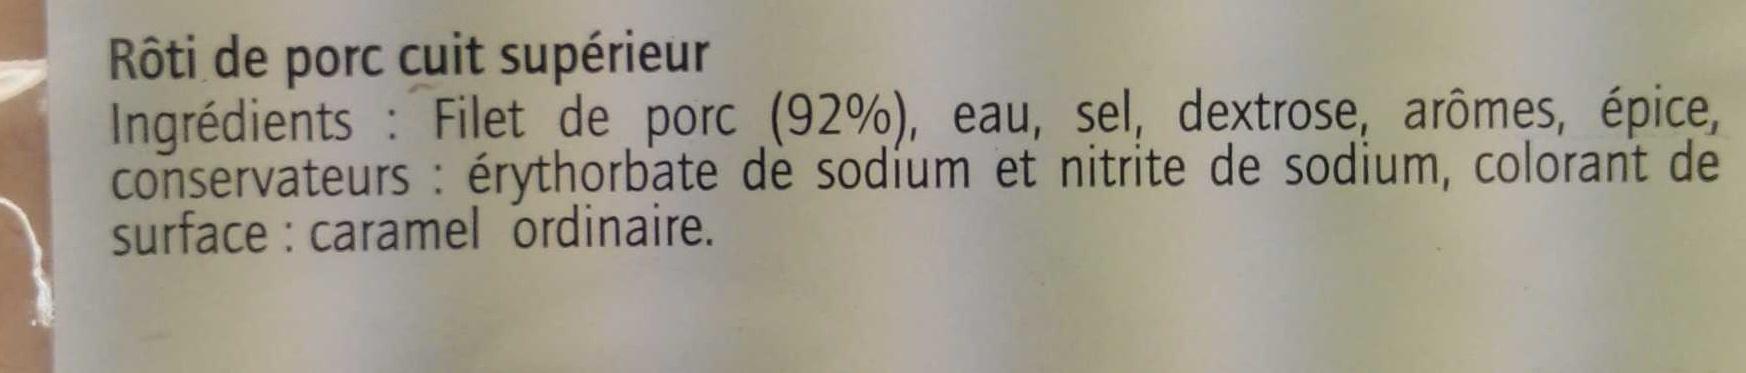 Rôti de Porc - Ingrédients